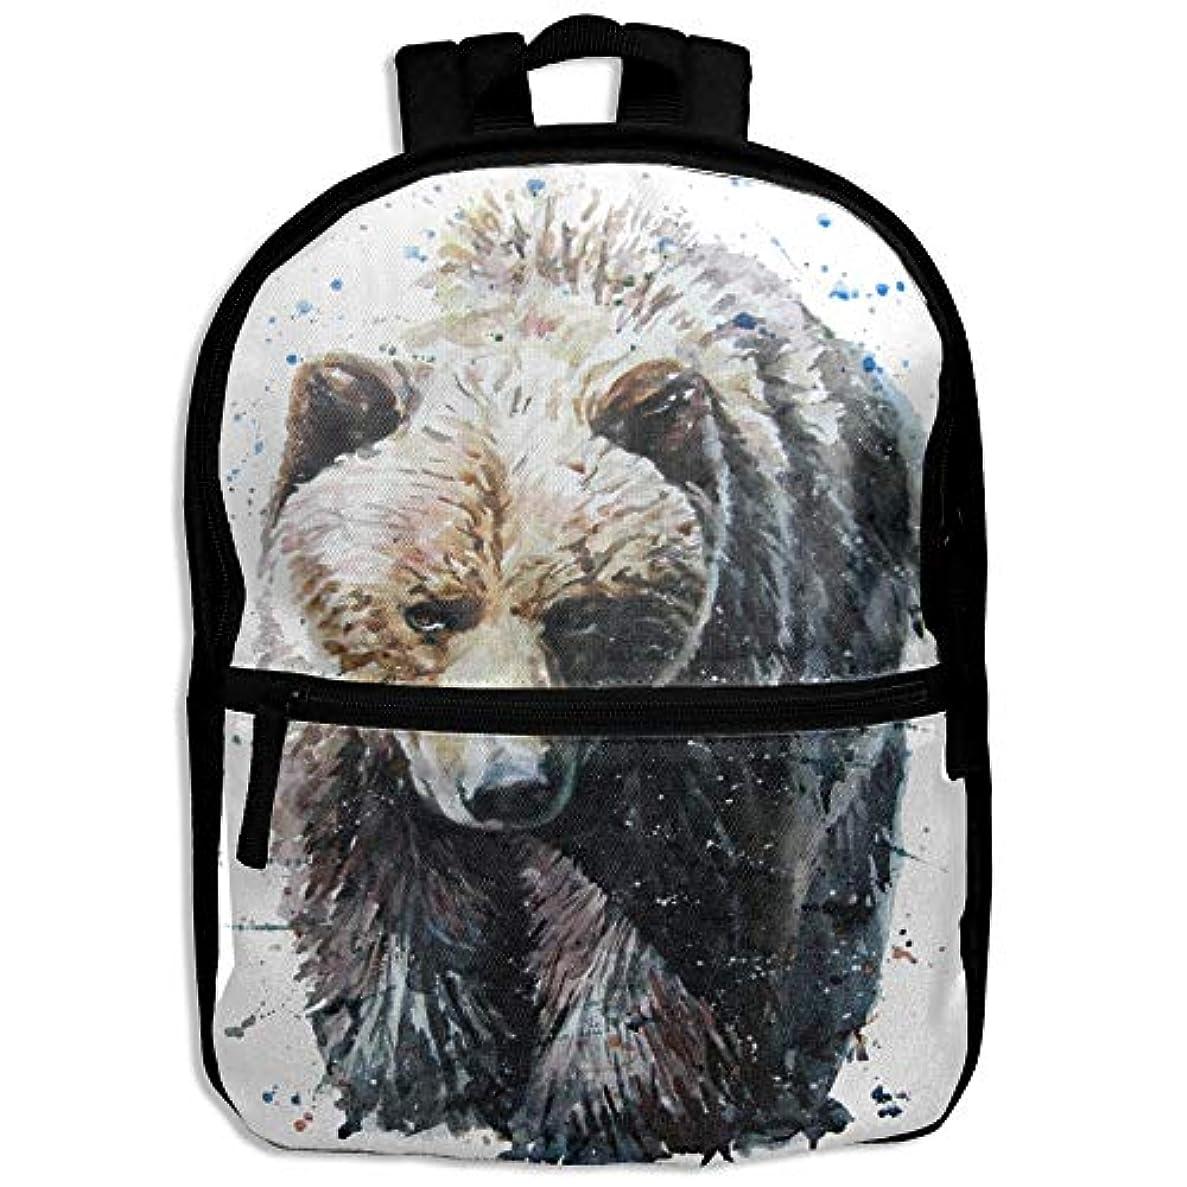 市場鍔手術キッズバッグ キッズ リュックサック バックパック 子供用のバッグ 学生 リュックサック 熊 水彩 アウトドア 通学 ハイキング 遠足